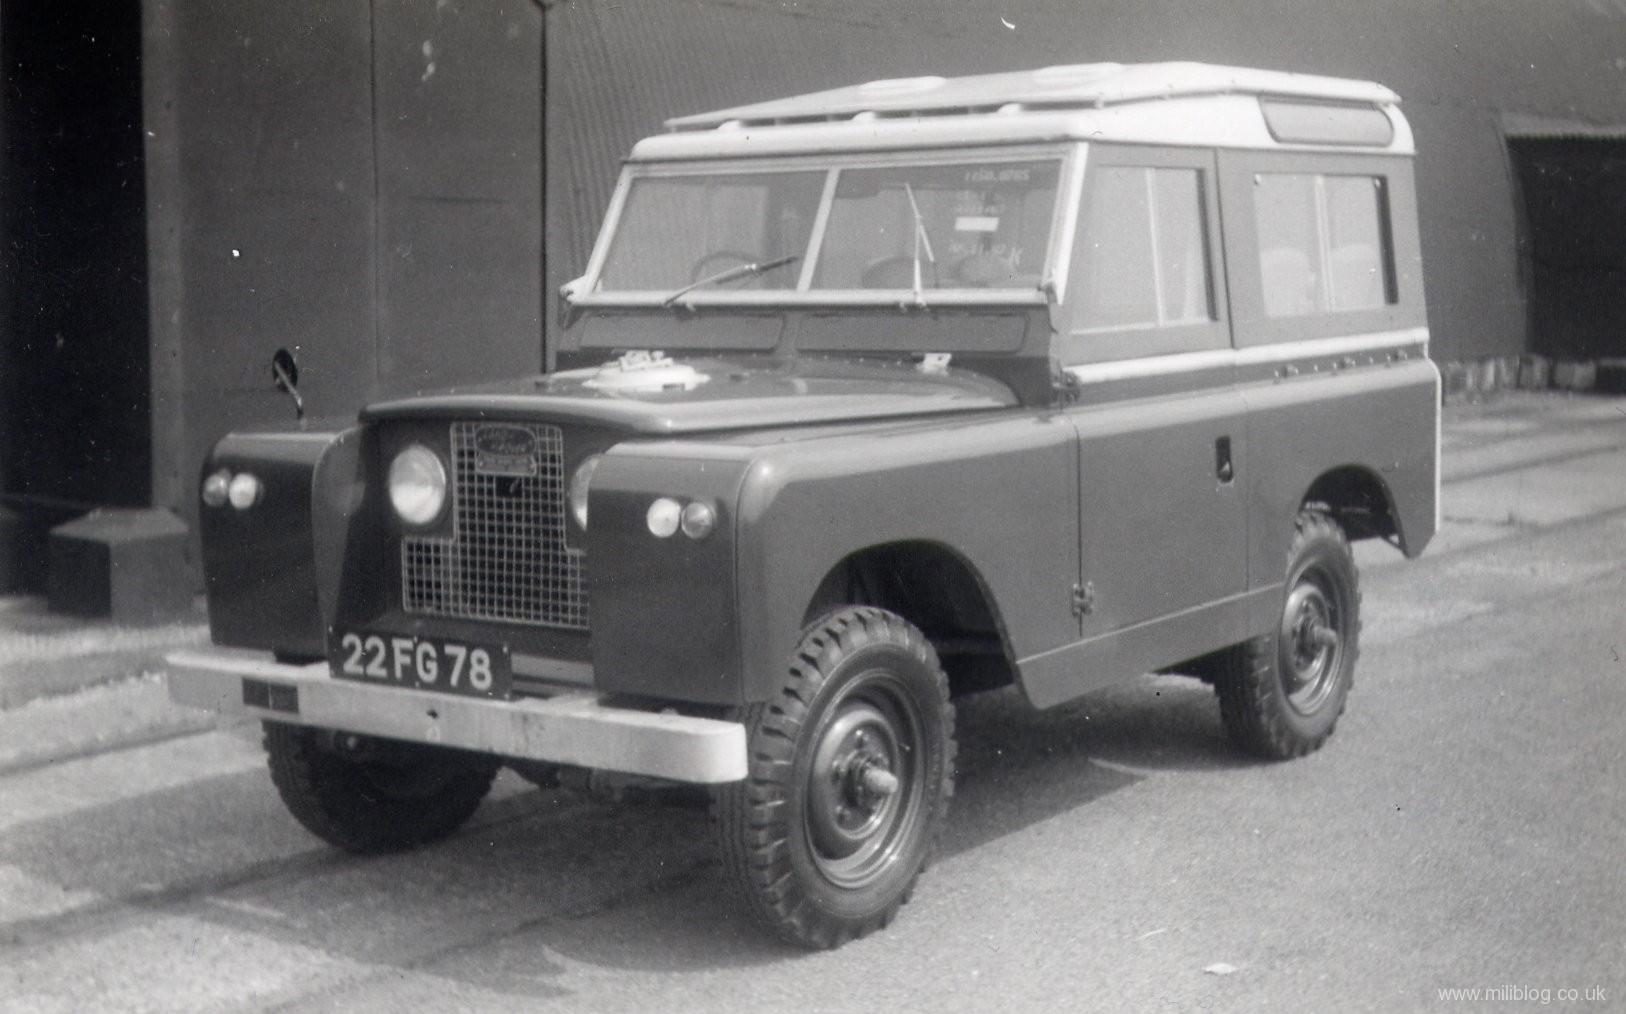 Land Rover S2 88 22 FG 78